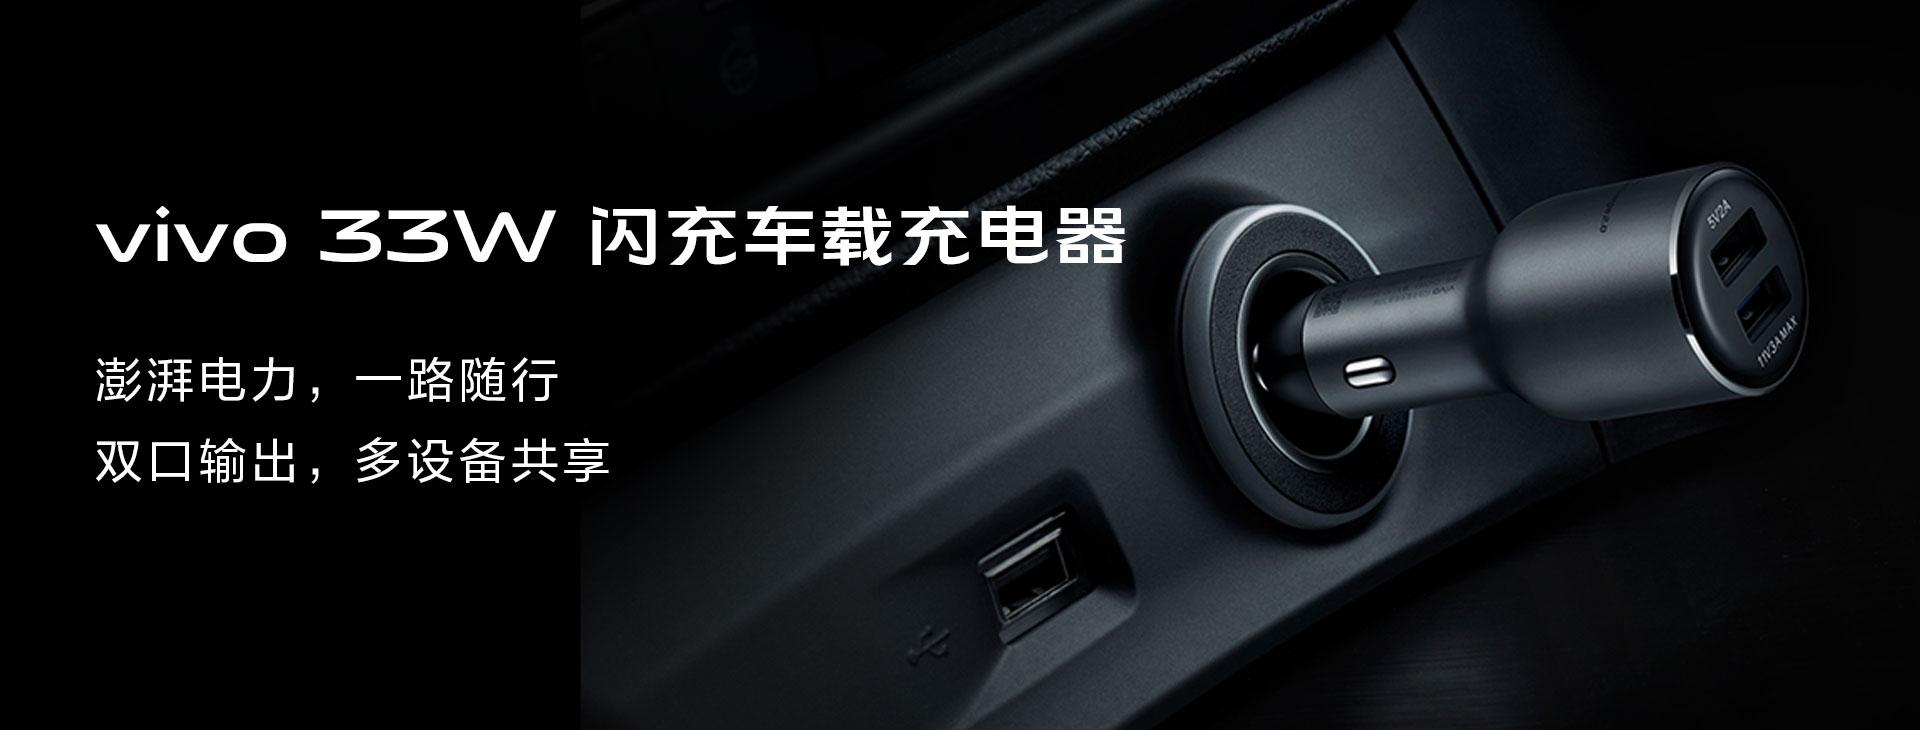 33w 闪充车载充电器_1920×730.jpg